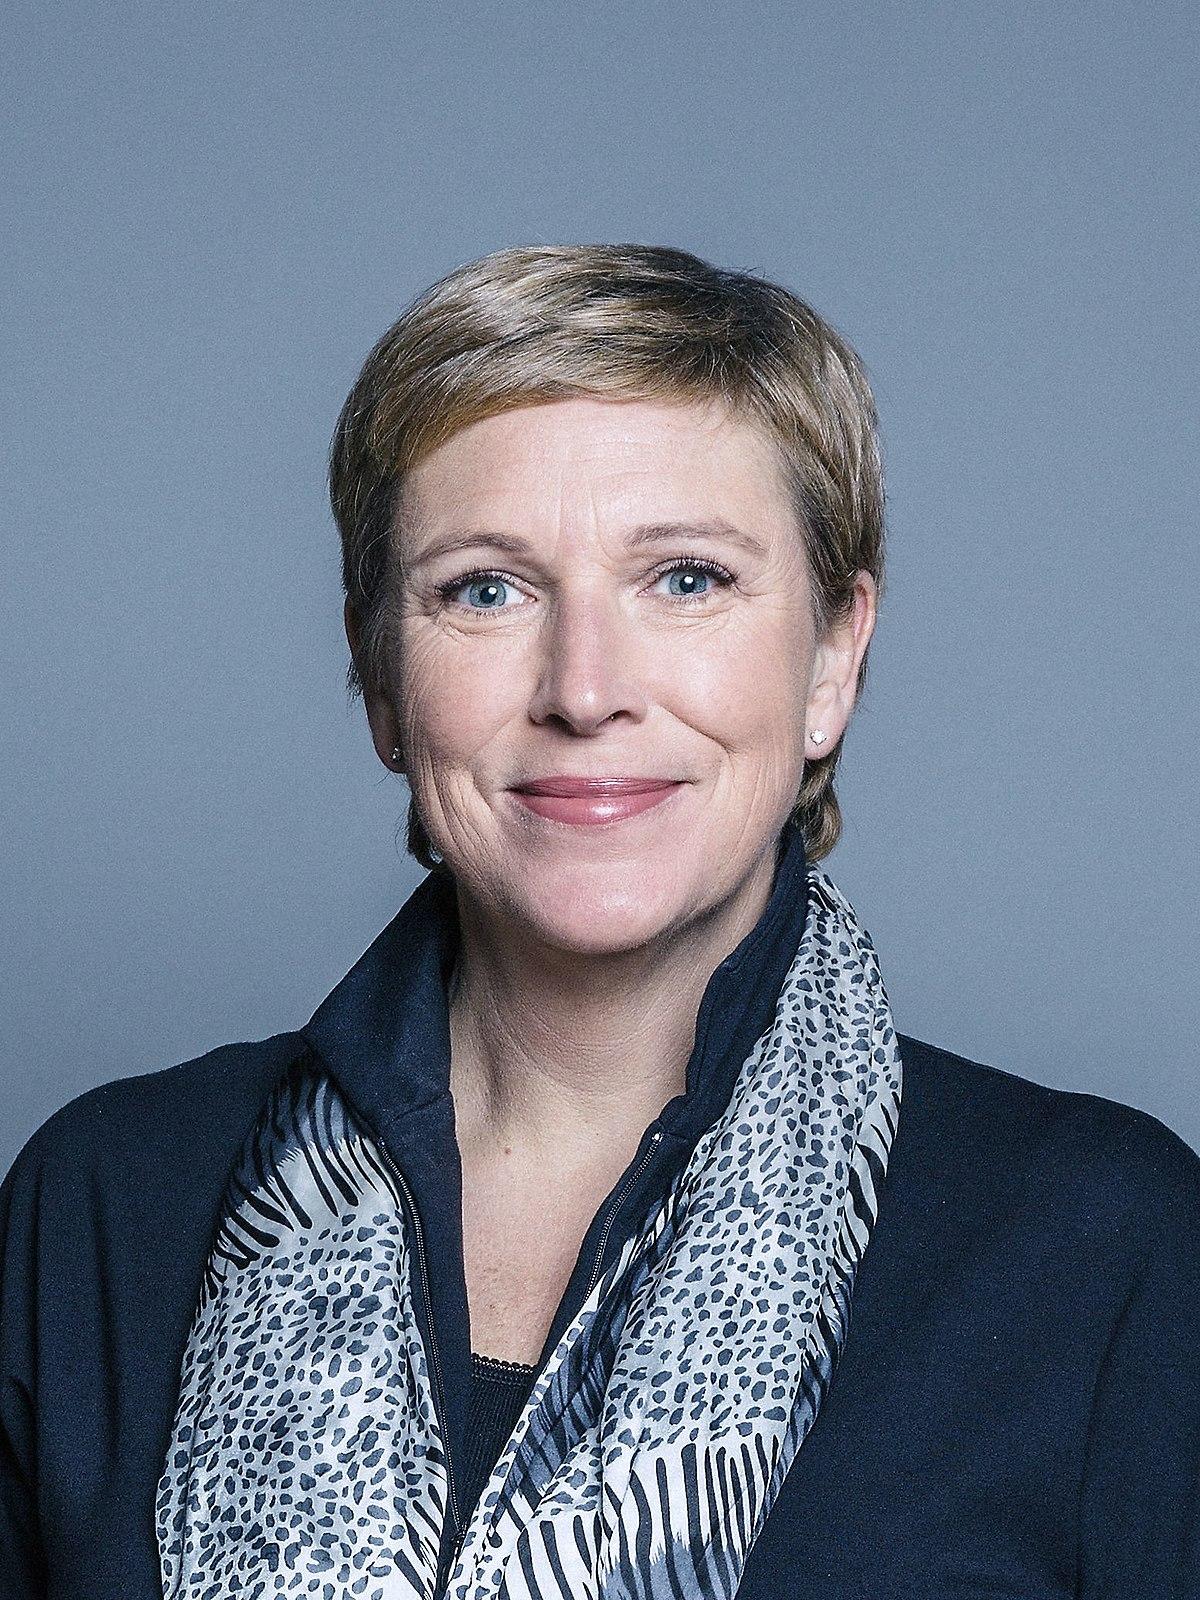 charlotte vere baroness vere of norbiton wikipedia